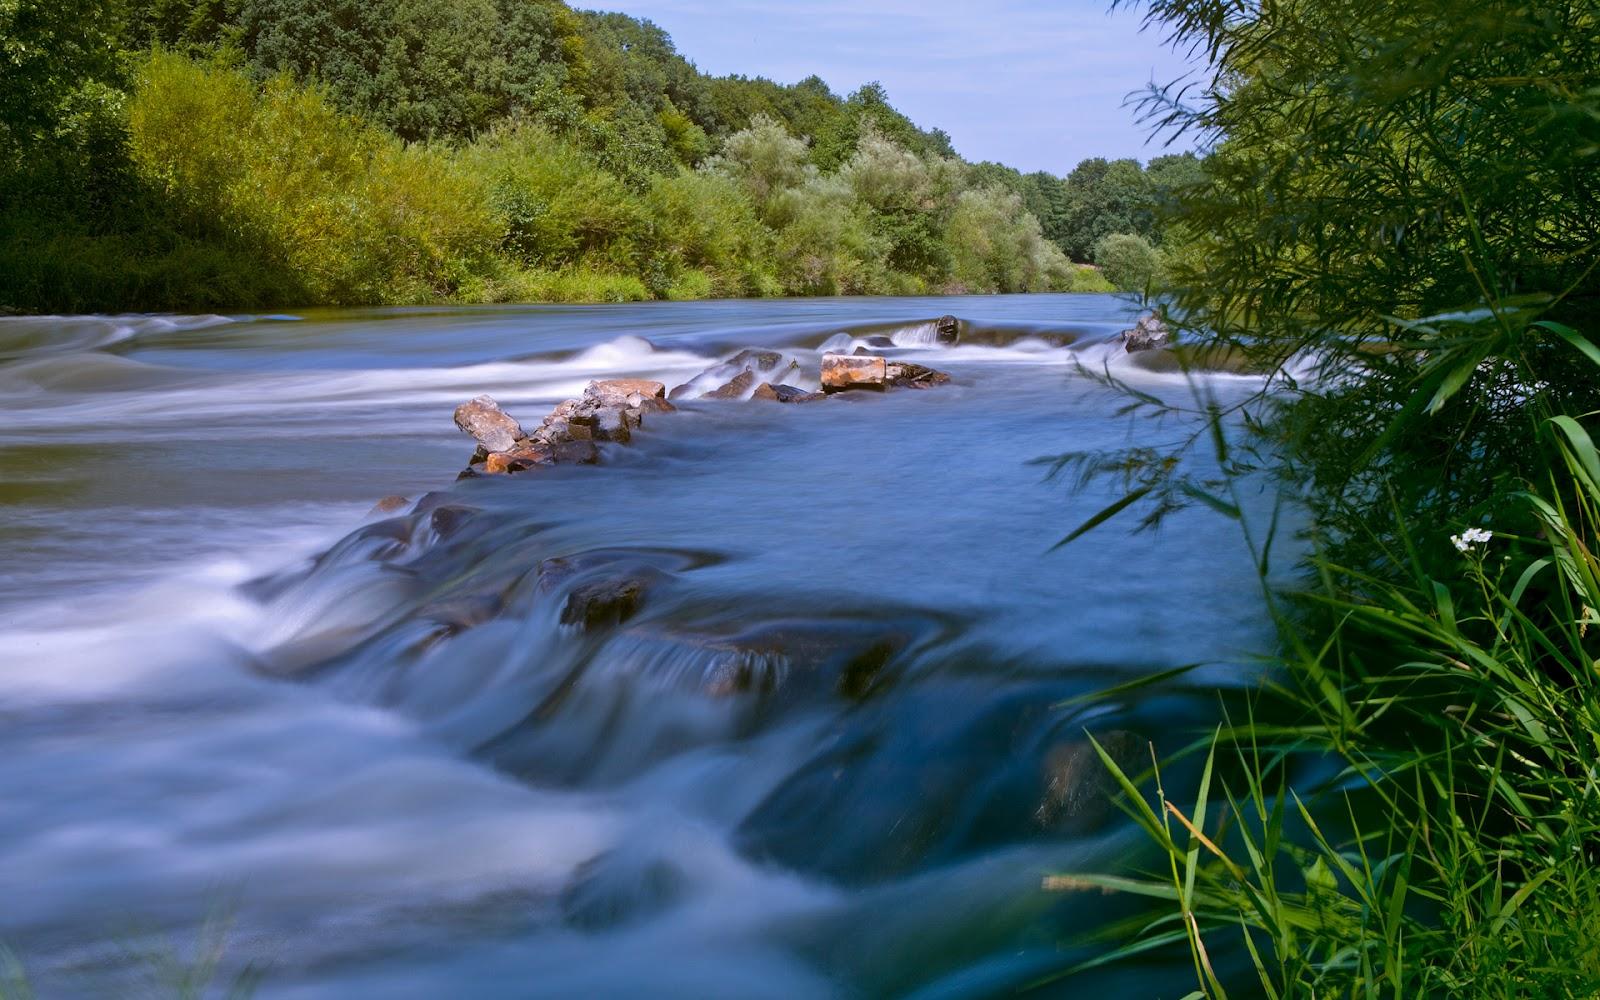 Nehir resimleri nehir resimleri resim sayfa 5